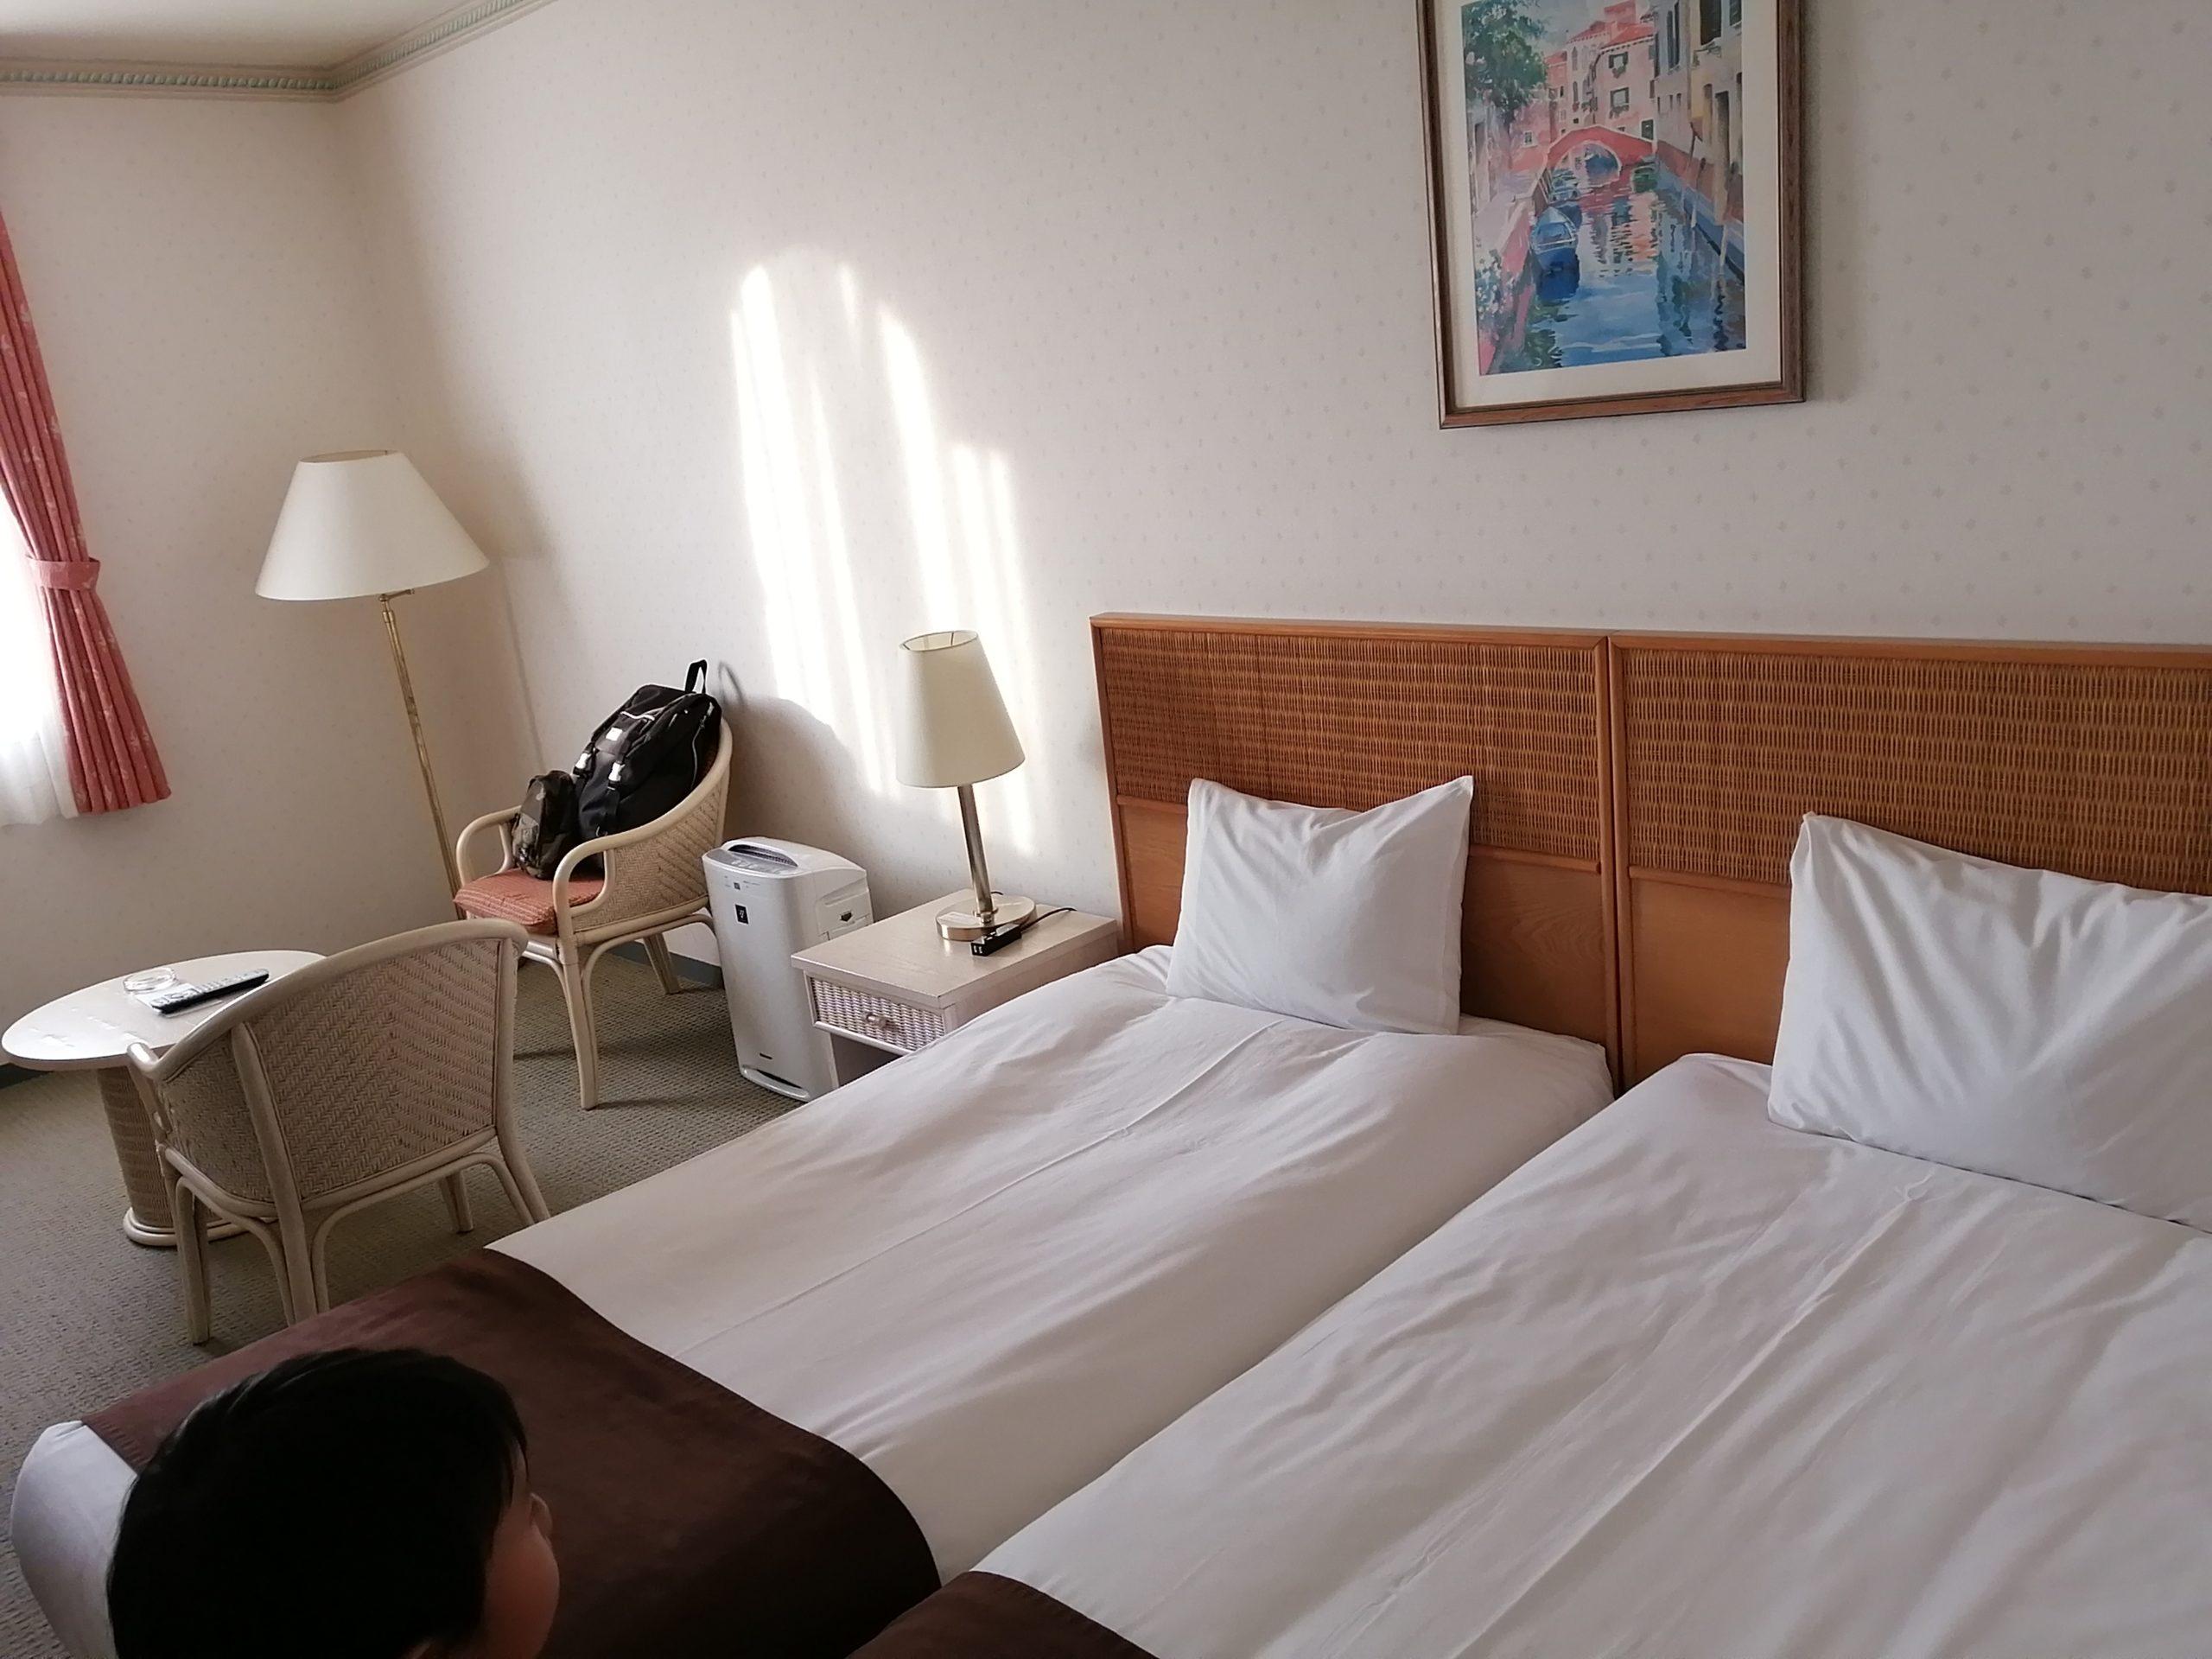 和歌山マリーナシティホテルのツインルーム